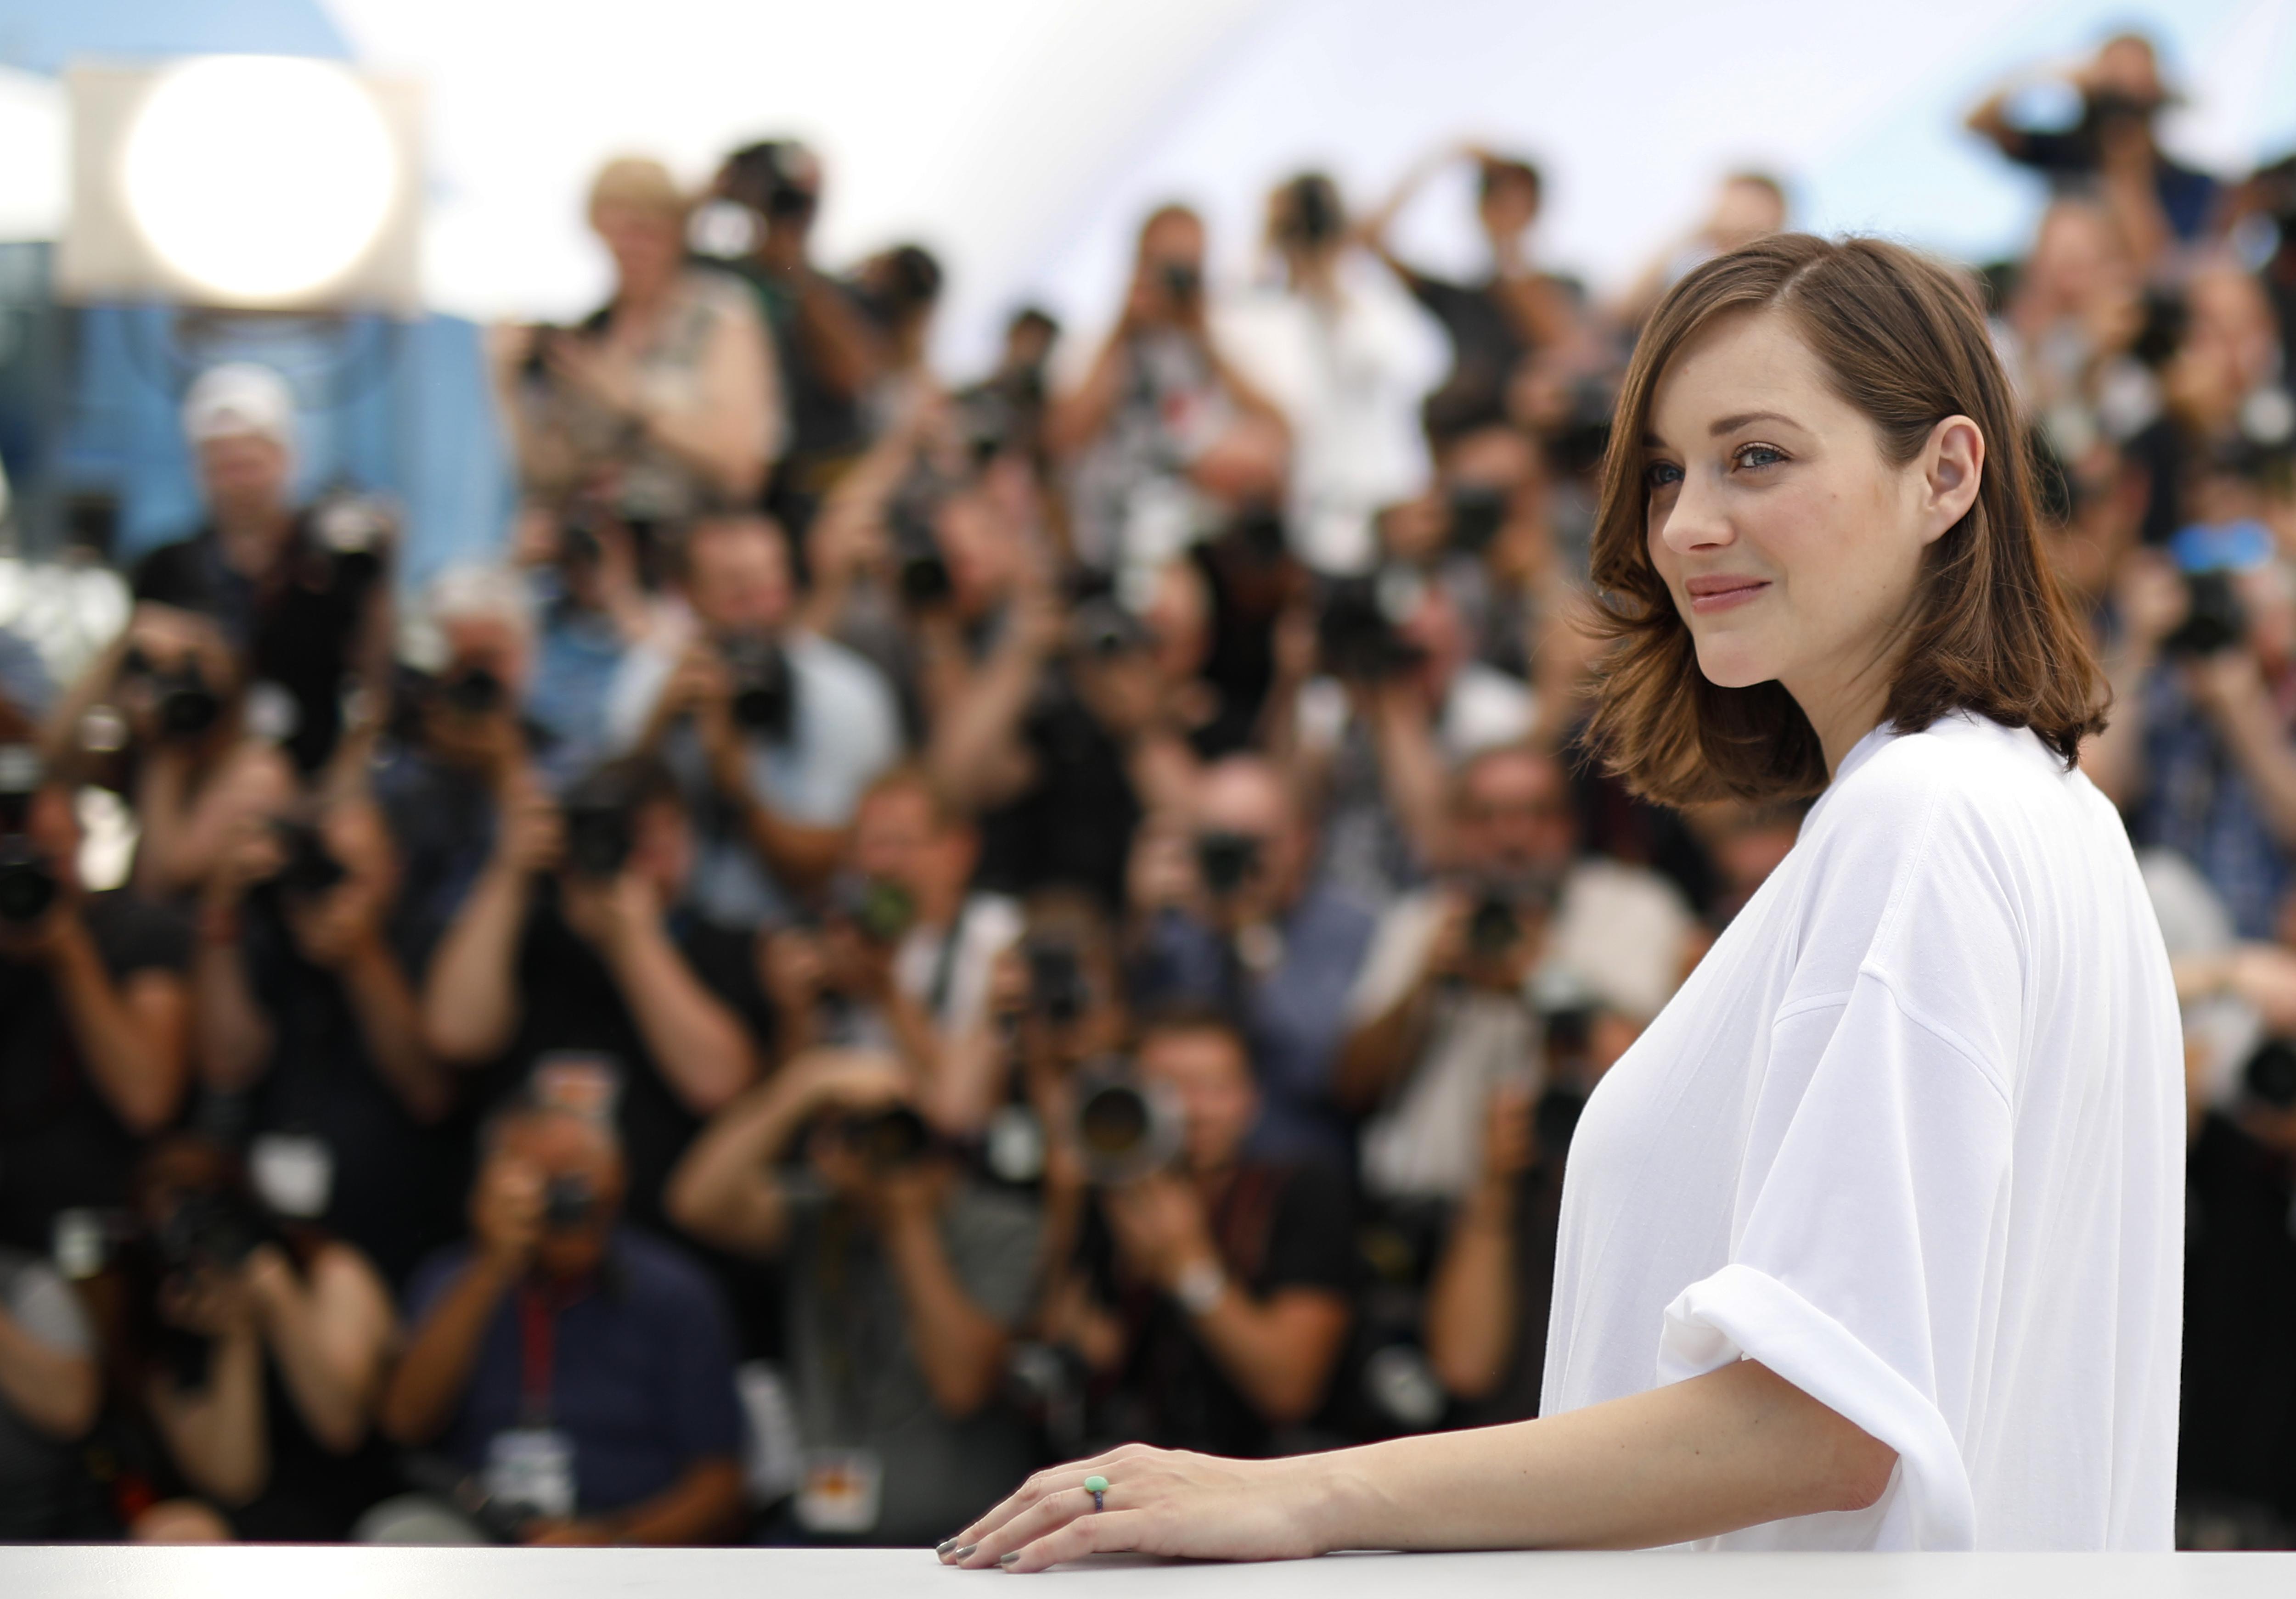 FOTO  A început Festivalul de Film de la Cannes. Măsuri de securitate fără precedent